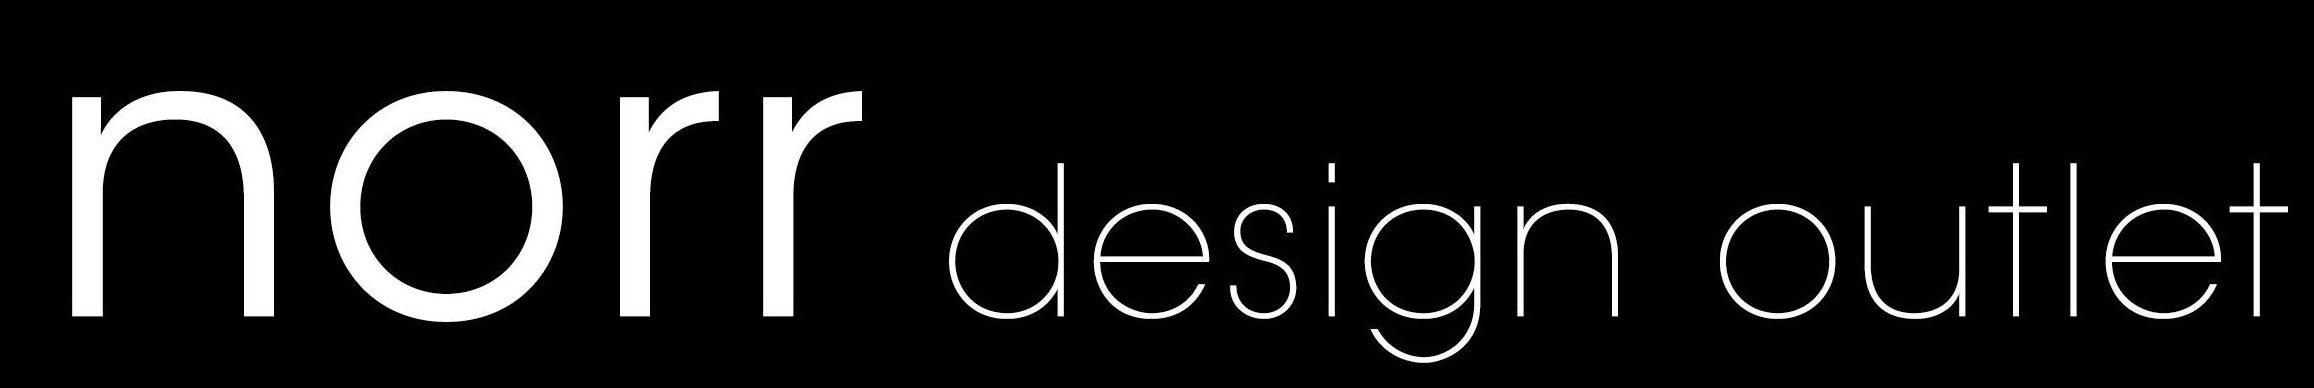 norr design outlet